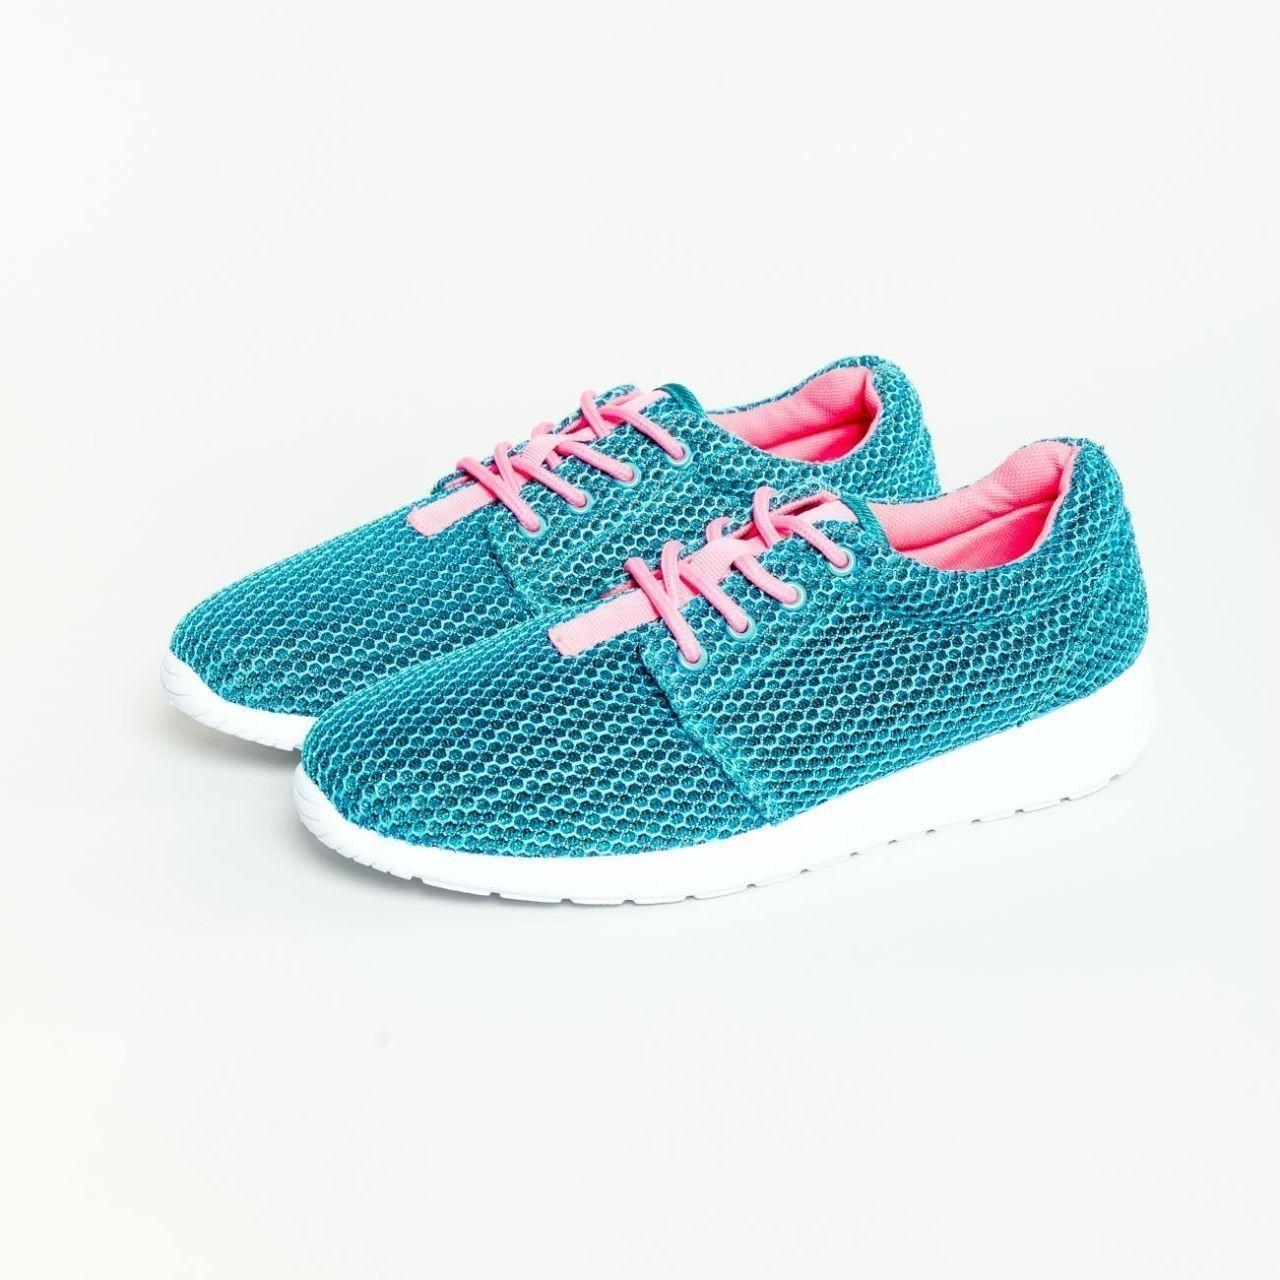 Modré sportovní boty - 36